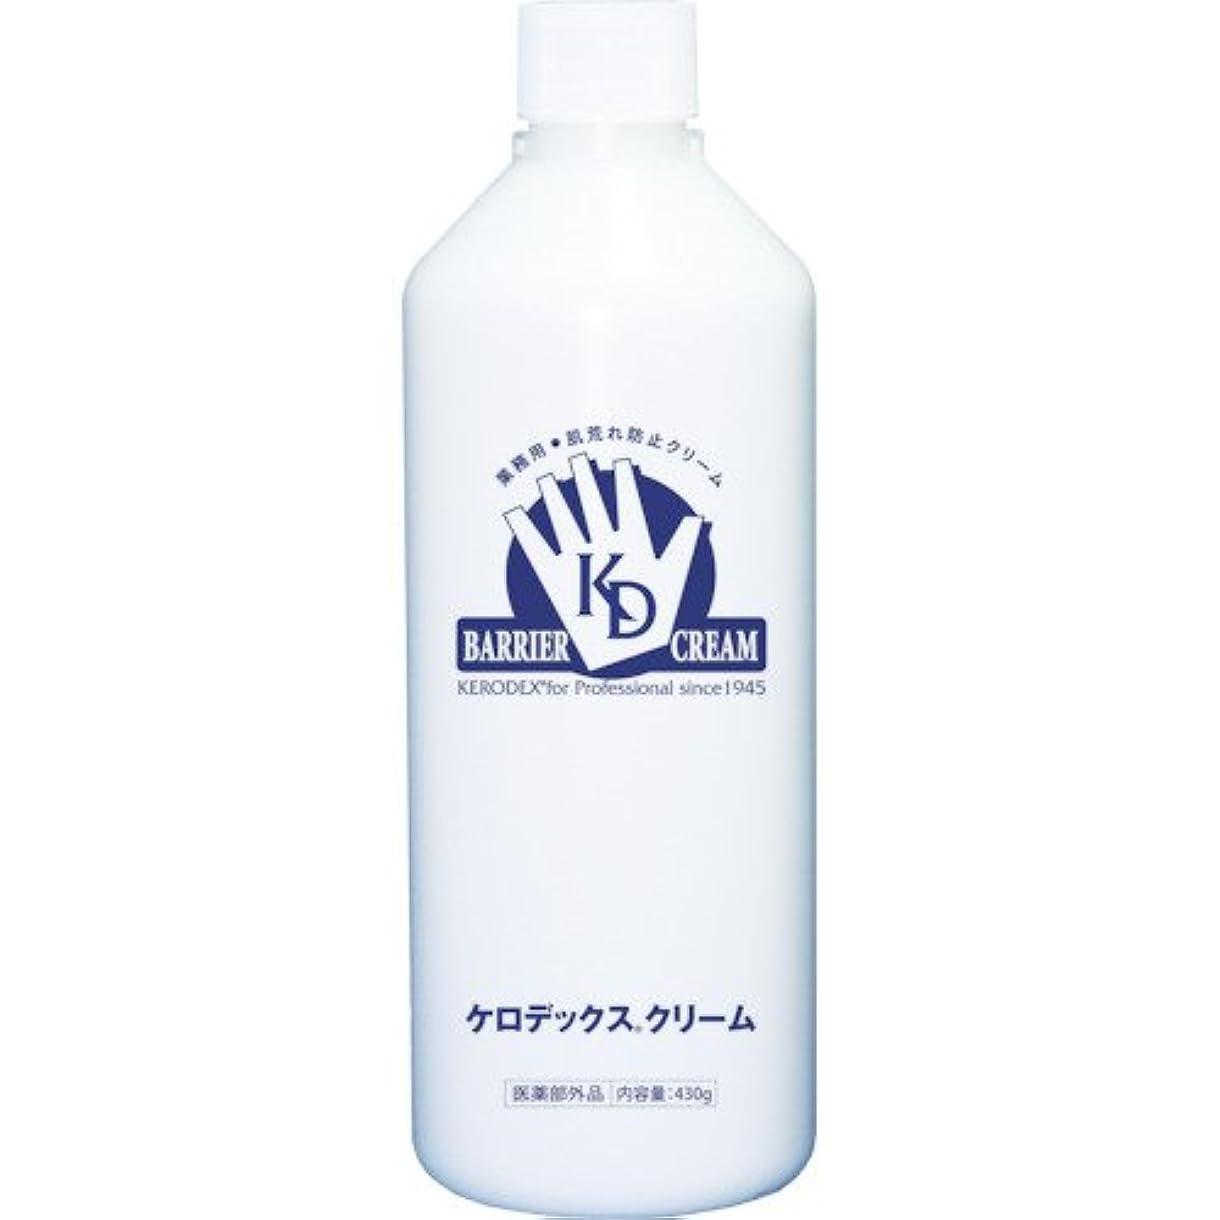 兄弟愛ボアビーズケロデックスクリーム ボトルタイプ 詰替用 430g